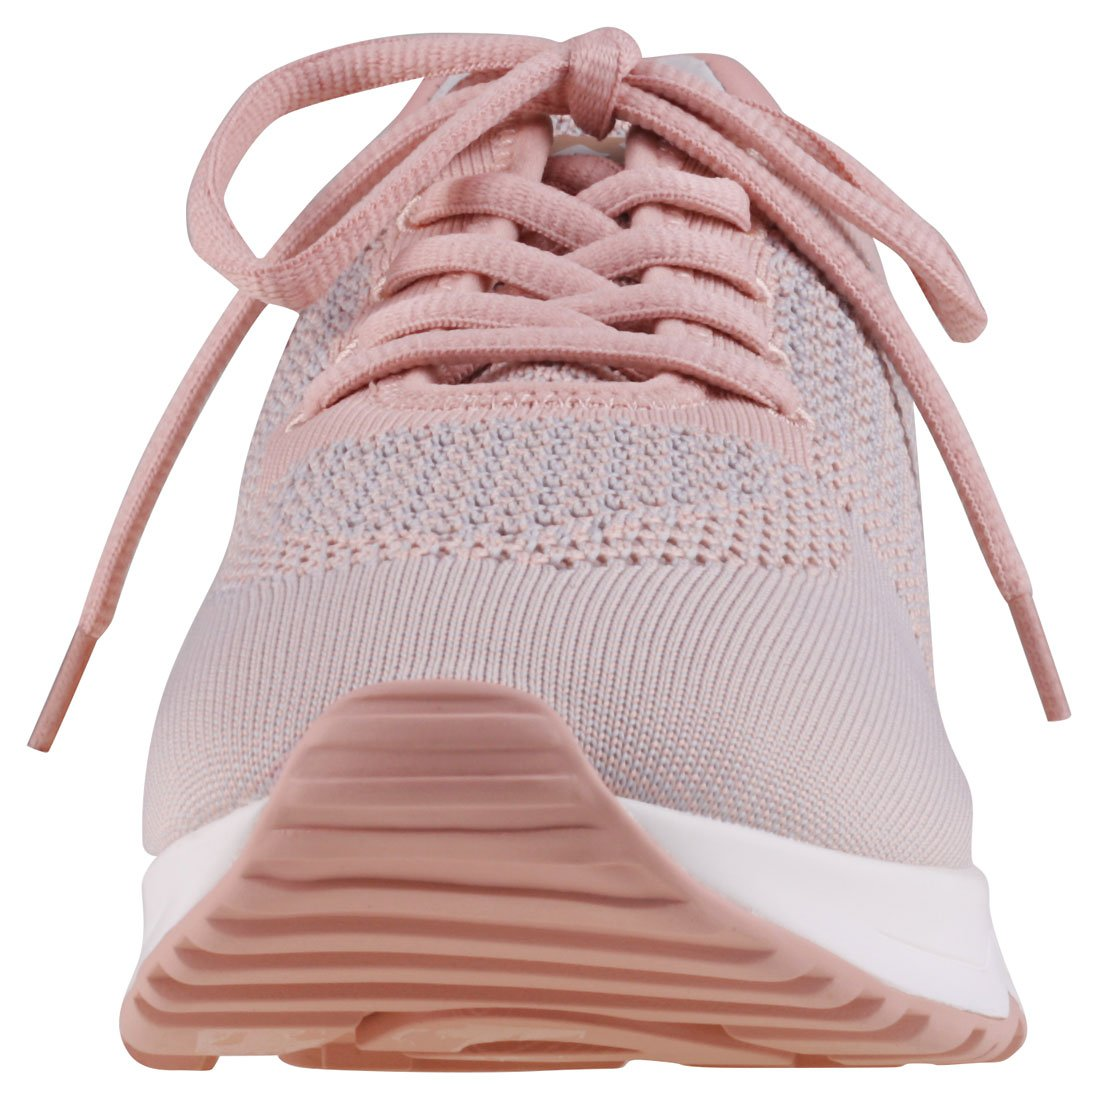 ASH Schuhe Lucky Knit Turnschuhe Pearl und und und Nude Damen 75f351